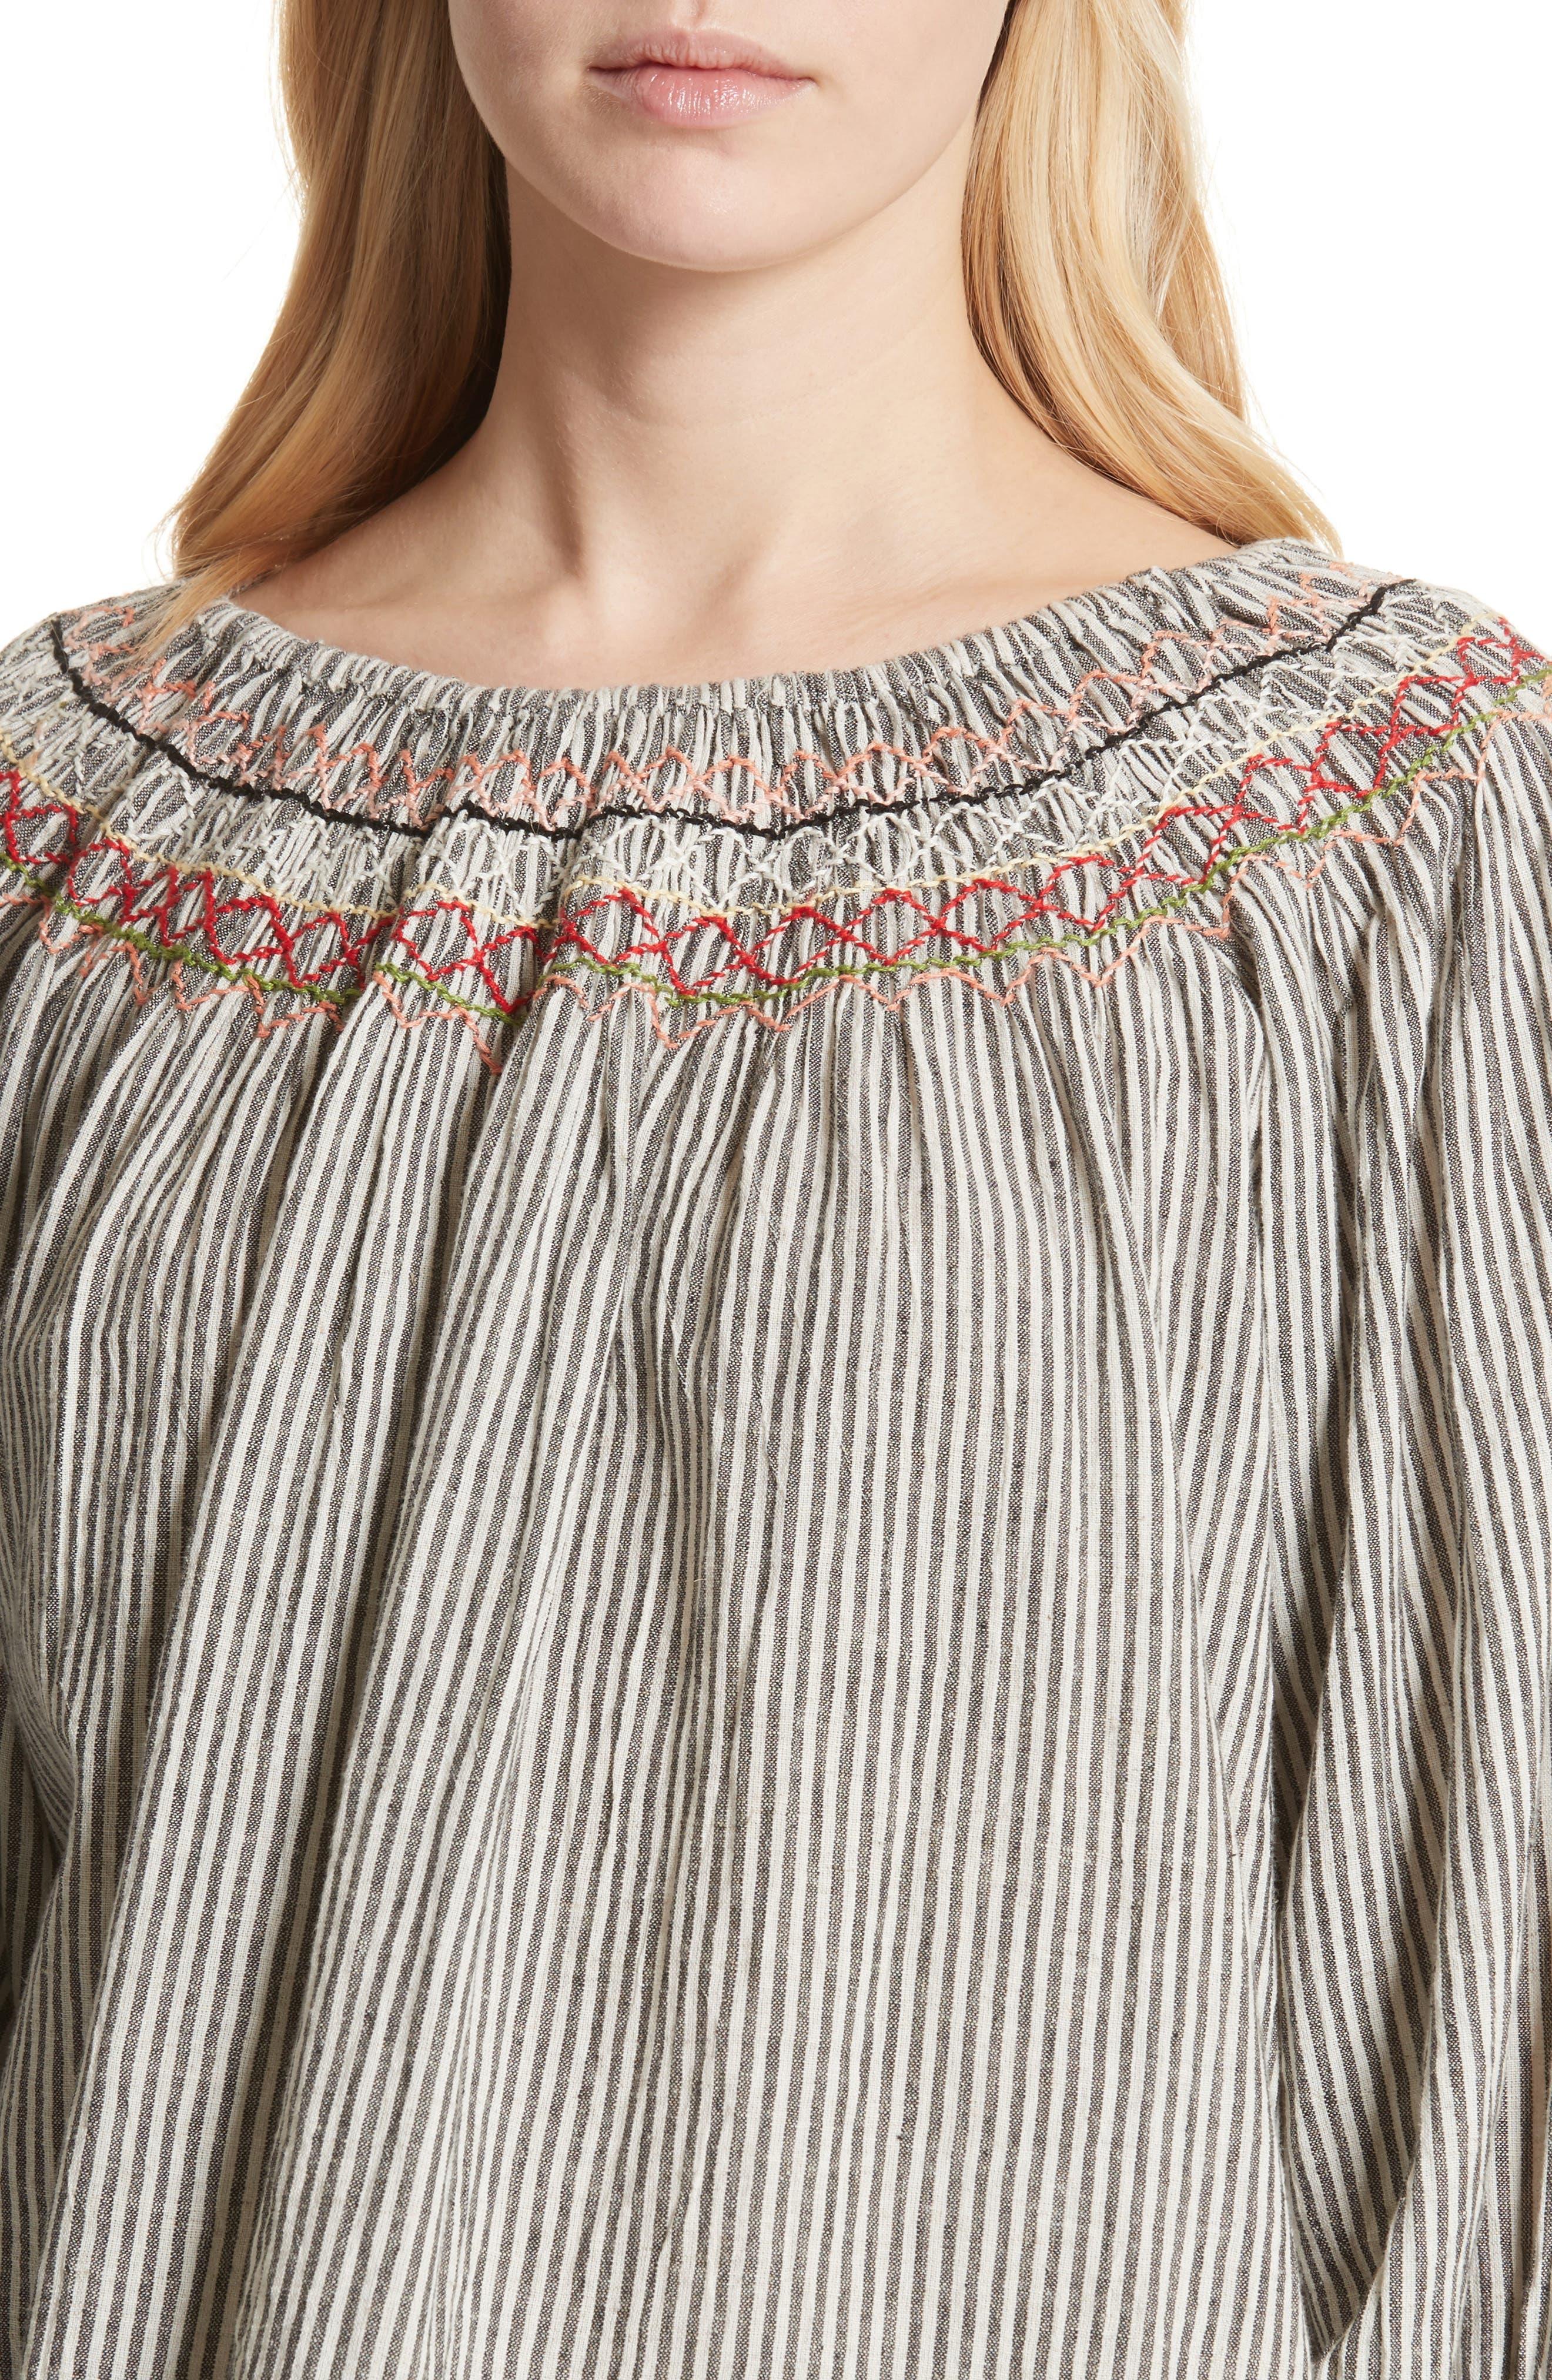 The Vista Cotton & Linen Top,                             Alternate thumbnail 4, color,                             Rail Stripe